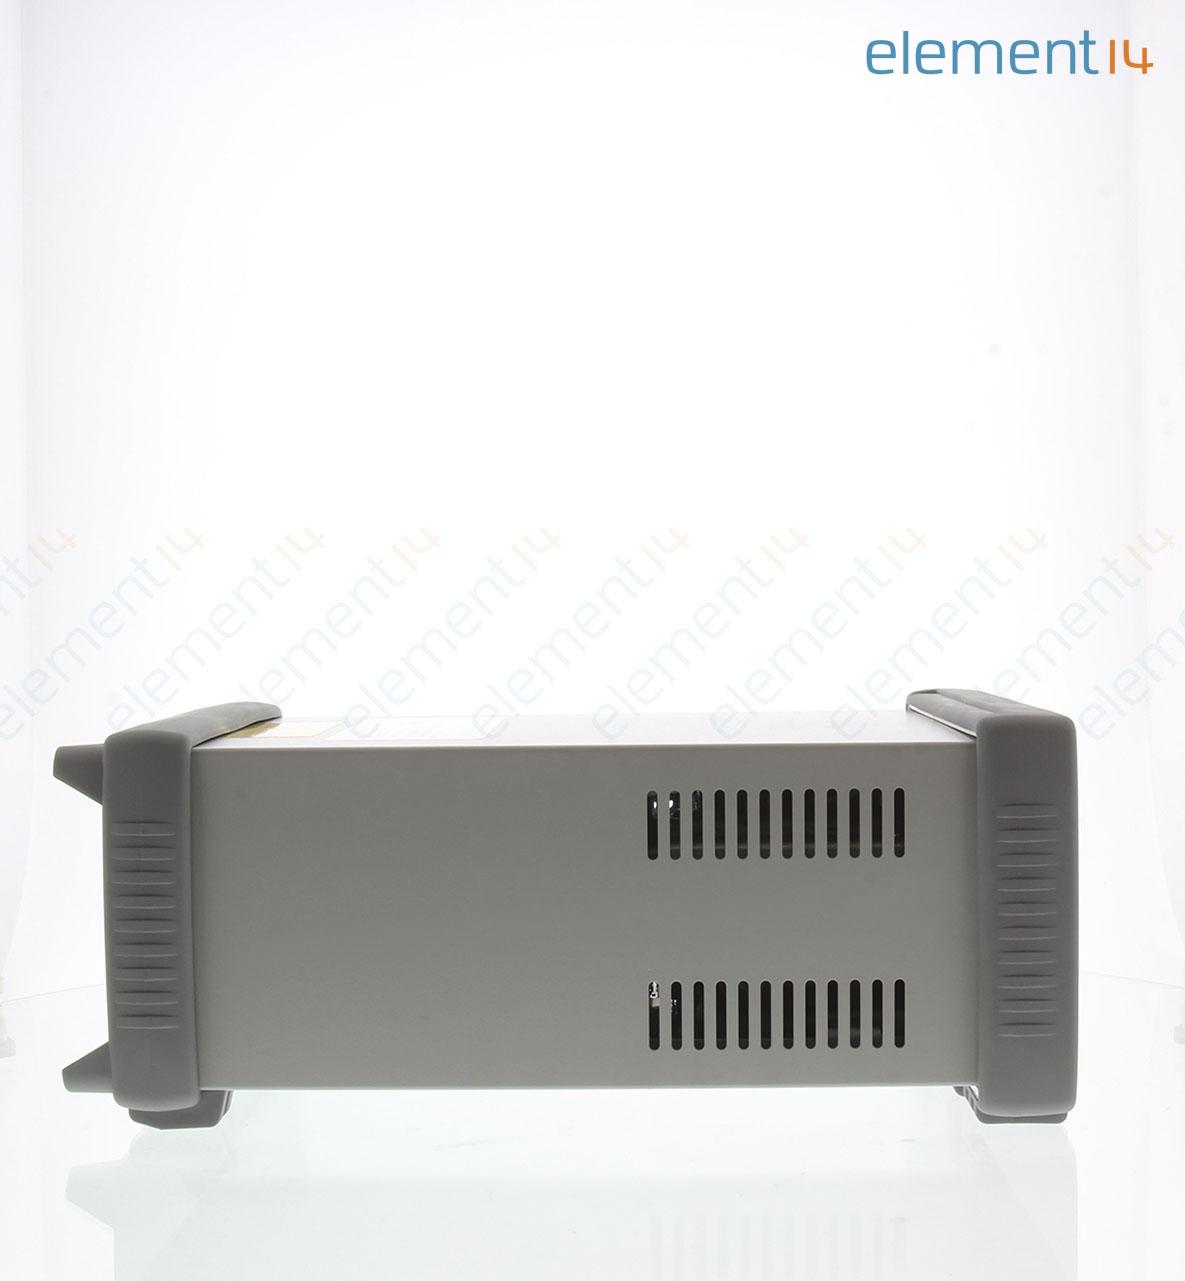 Bench Power Supply, DC, Programmable, 1 Output, 0 V, 50 V, 4 A, 7 A